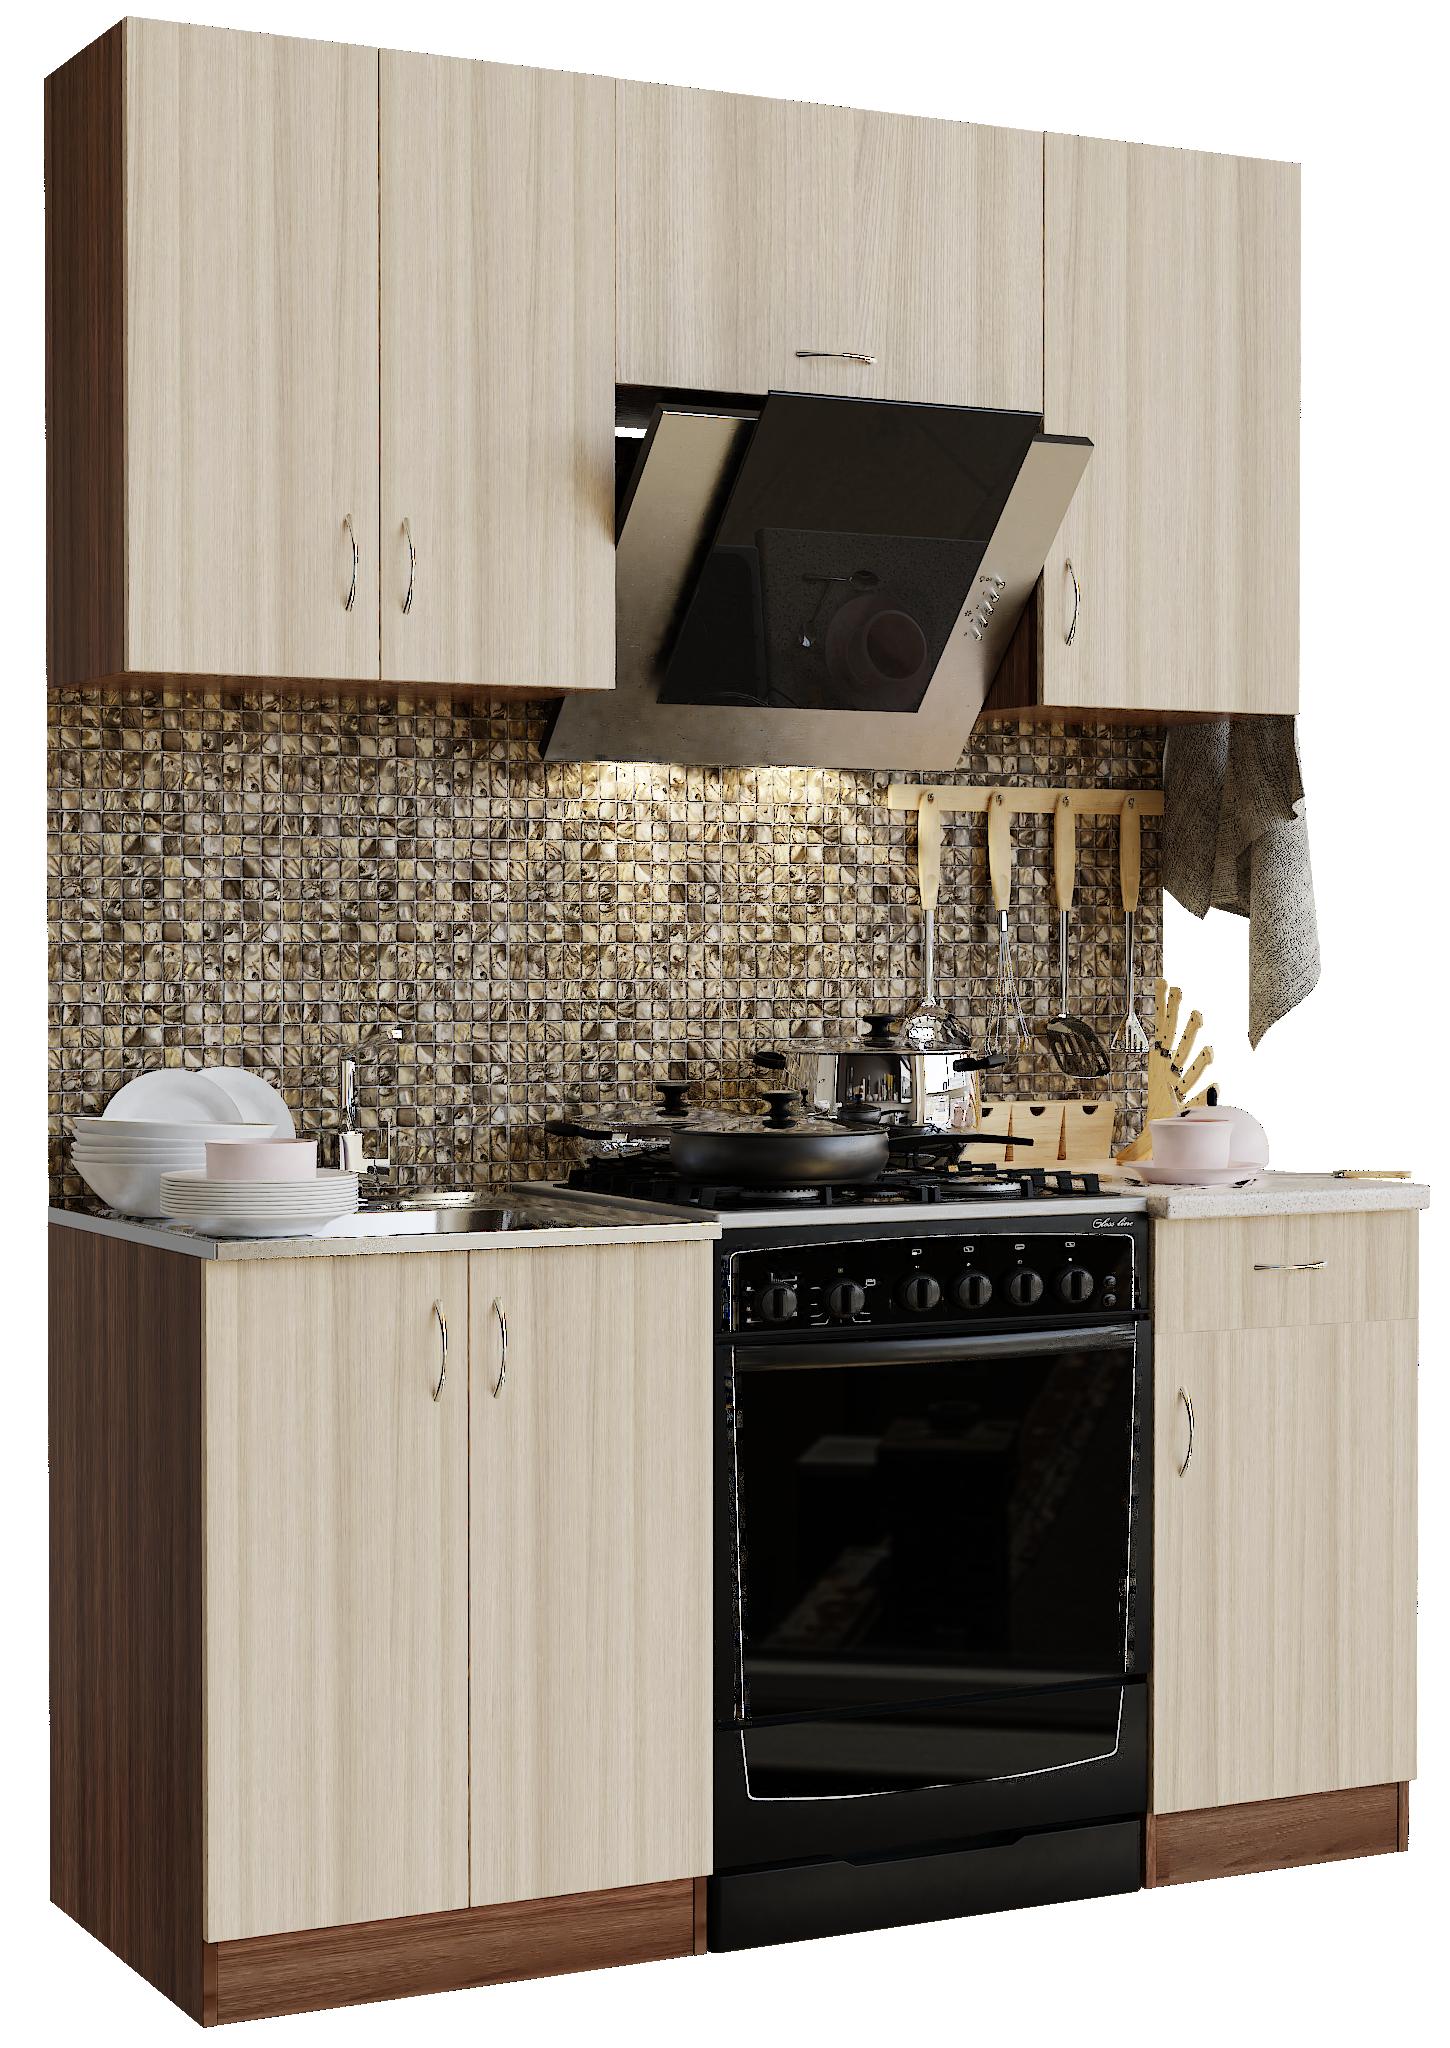 Кухонный гарнитур Sanvut ГК1600 - 2.1.2 Ясень шимо темный / Ясень шимо светлый